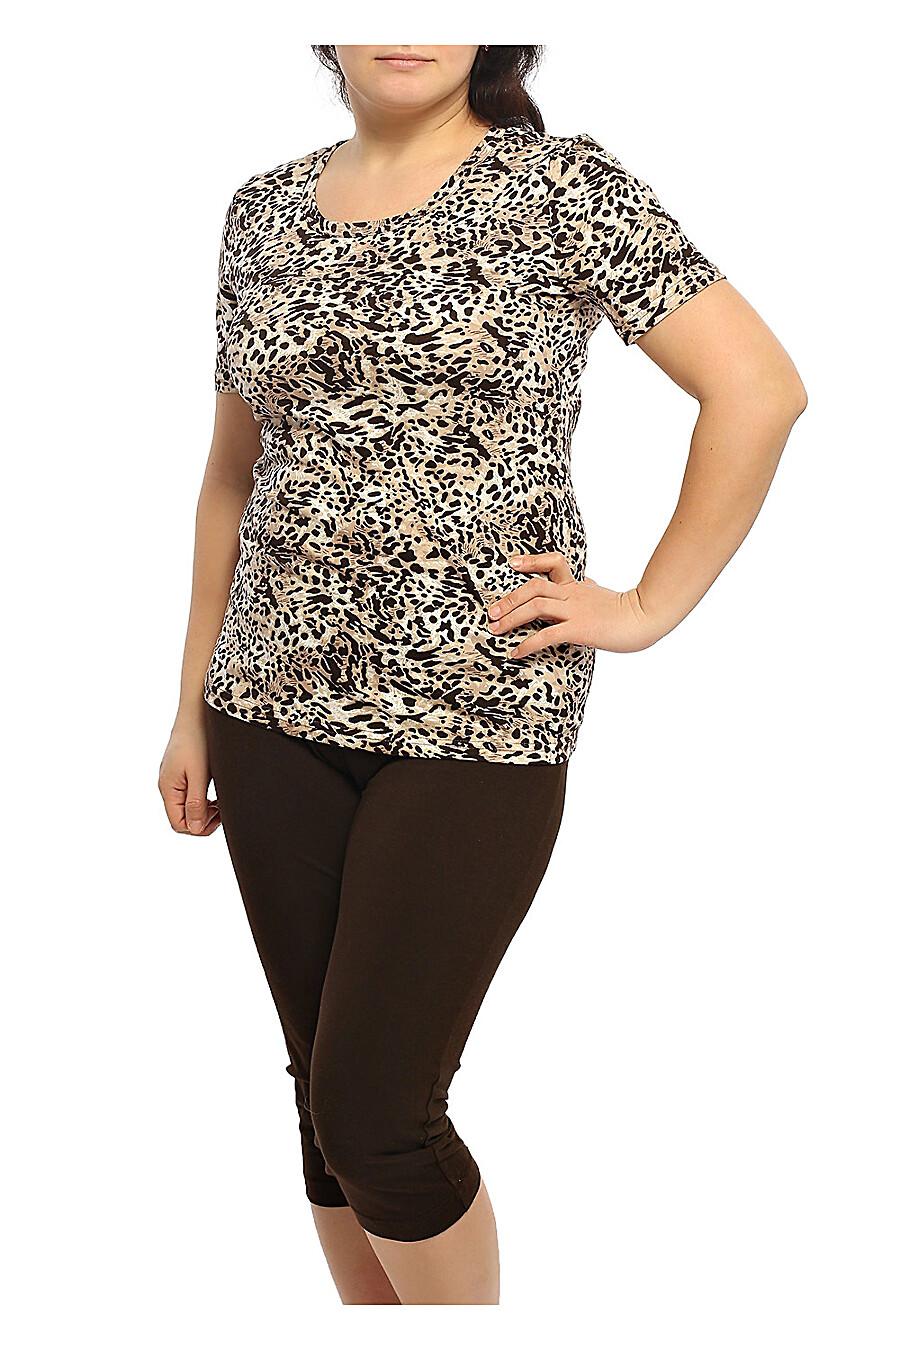 Комплект (футболка+бриджи) для женщин CLEVER 175768 купить оптом от производителя. Совместная покупка женской одежды в OptMoyo